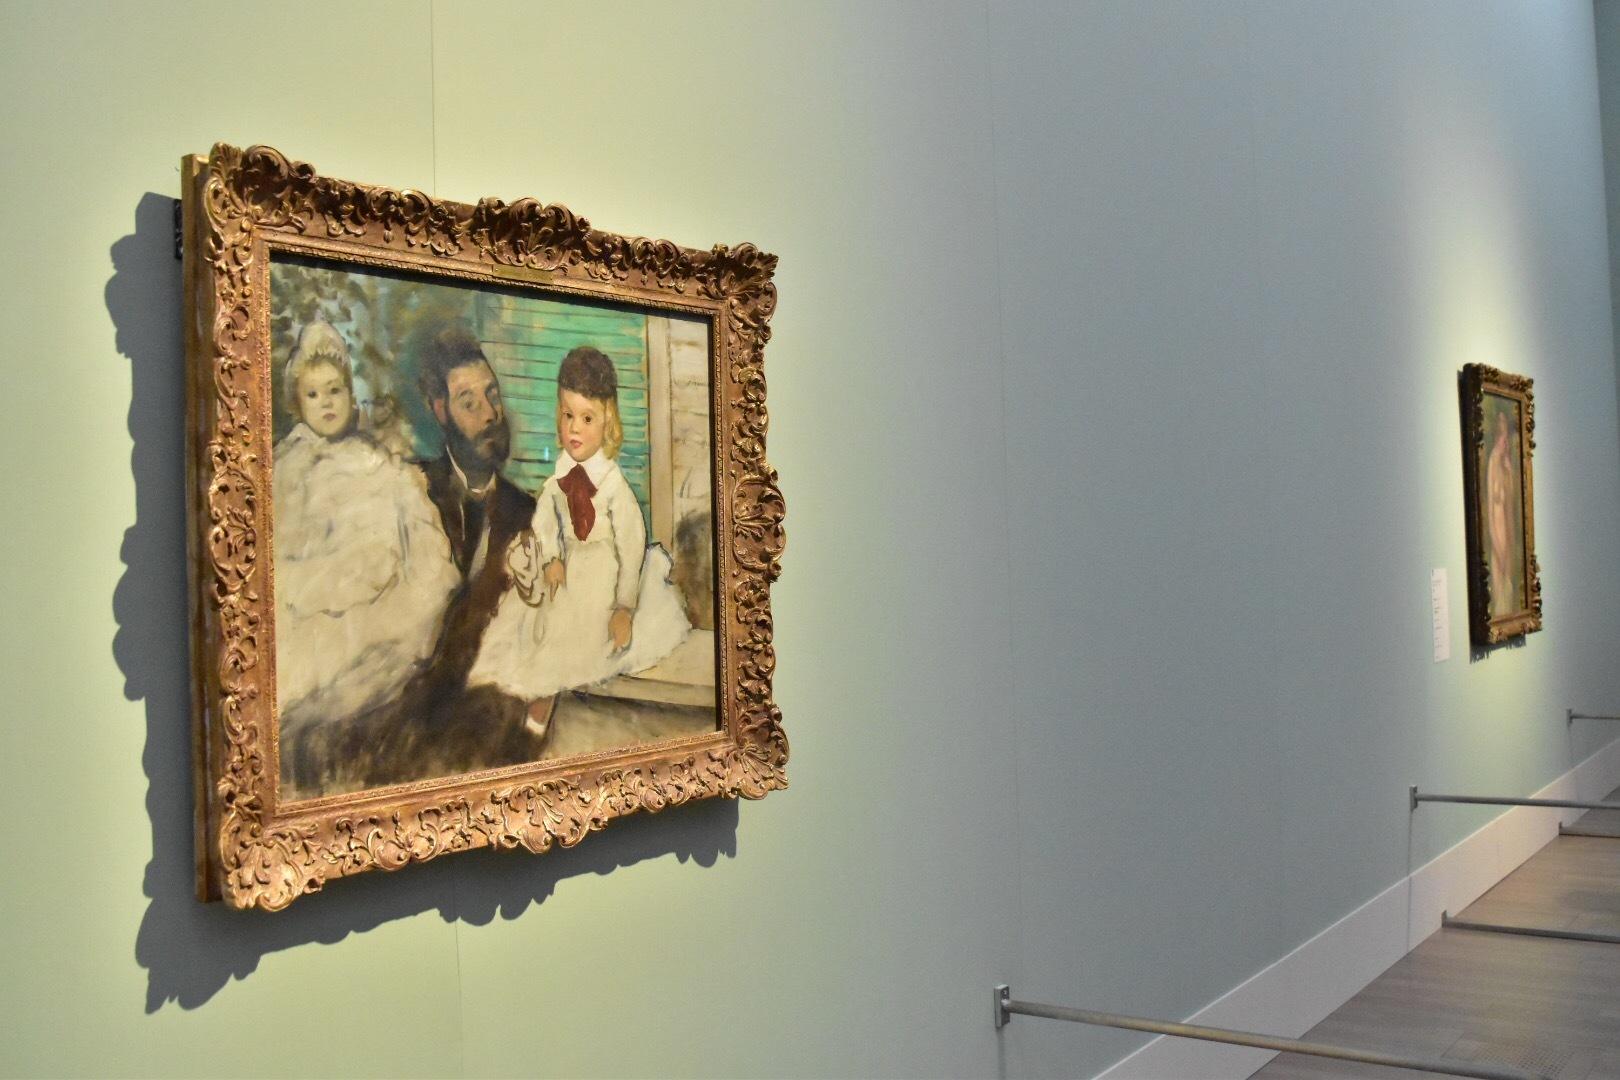 エドガー・ドガ 《リュドヴィック・ルピック伯爵とその娘たち》 1871年頃